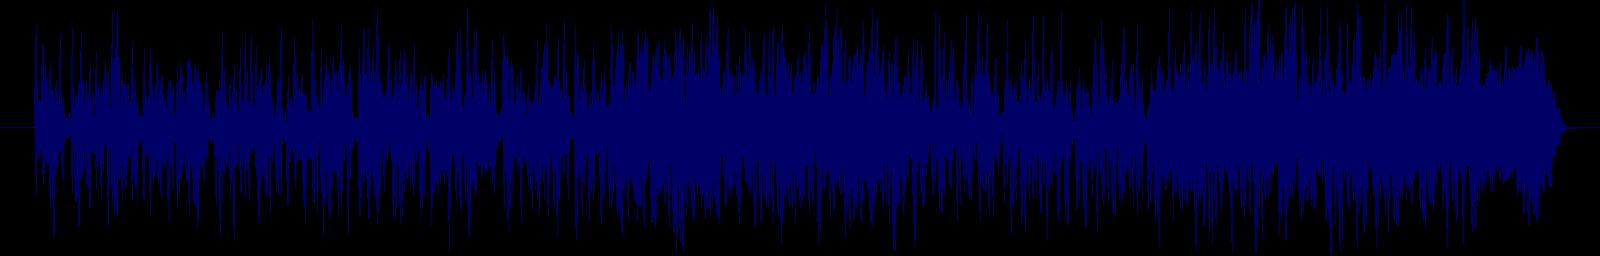 waveform of track #159149